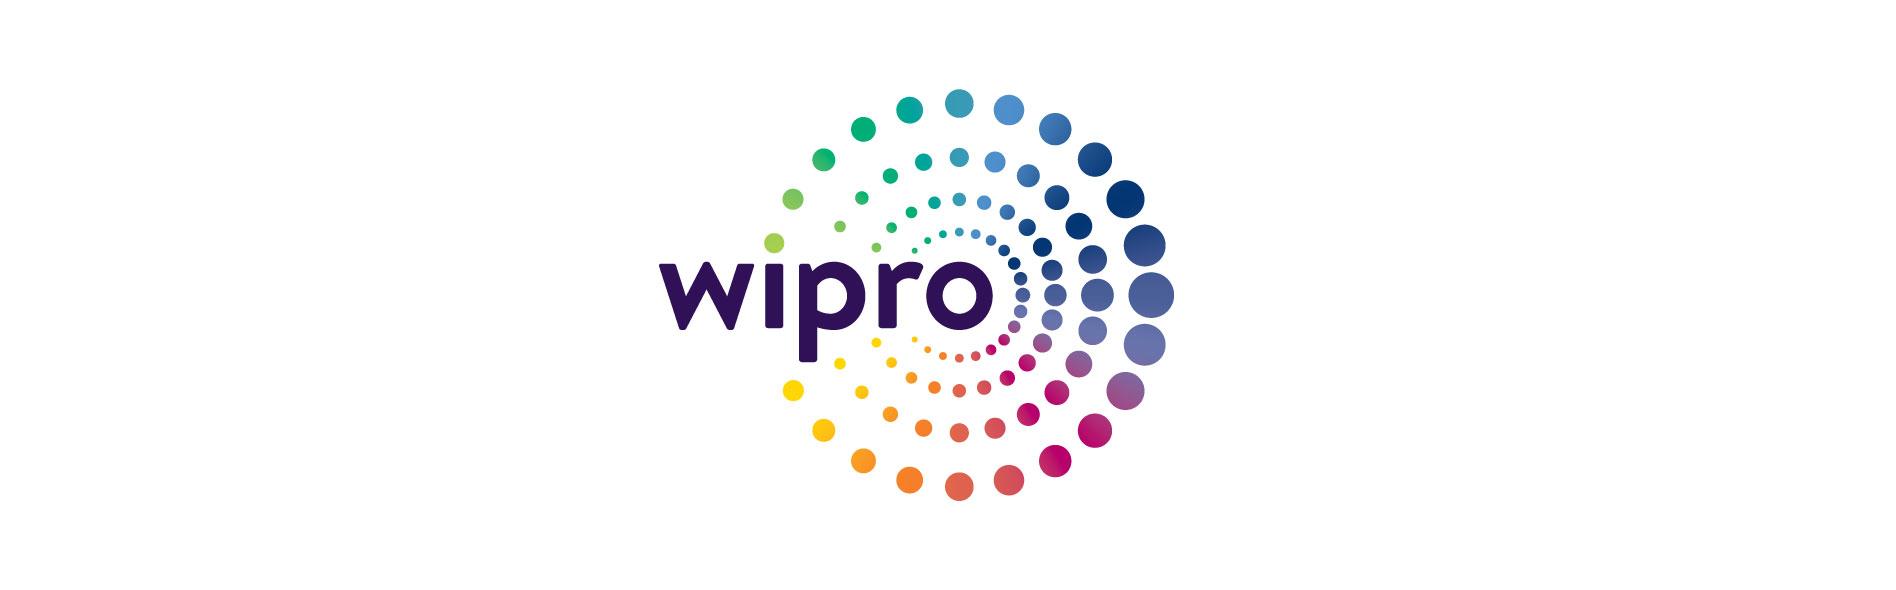 Wipro |authorstream.